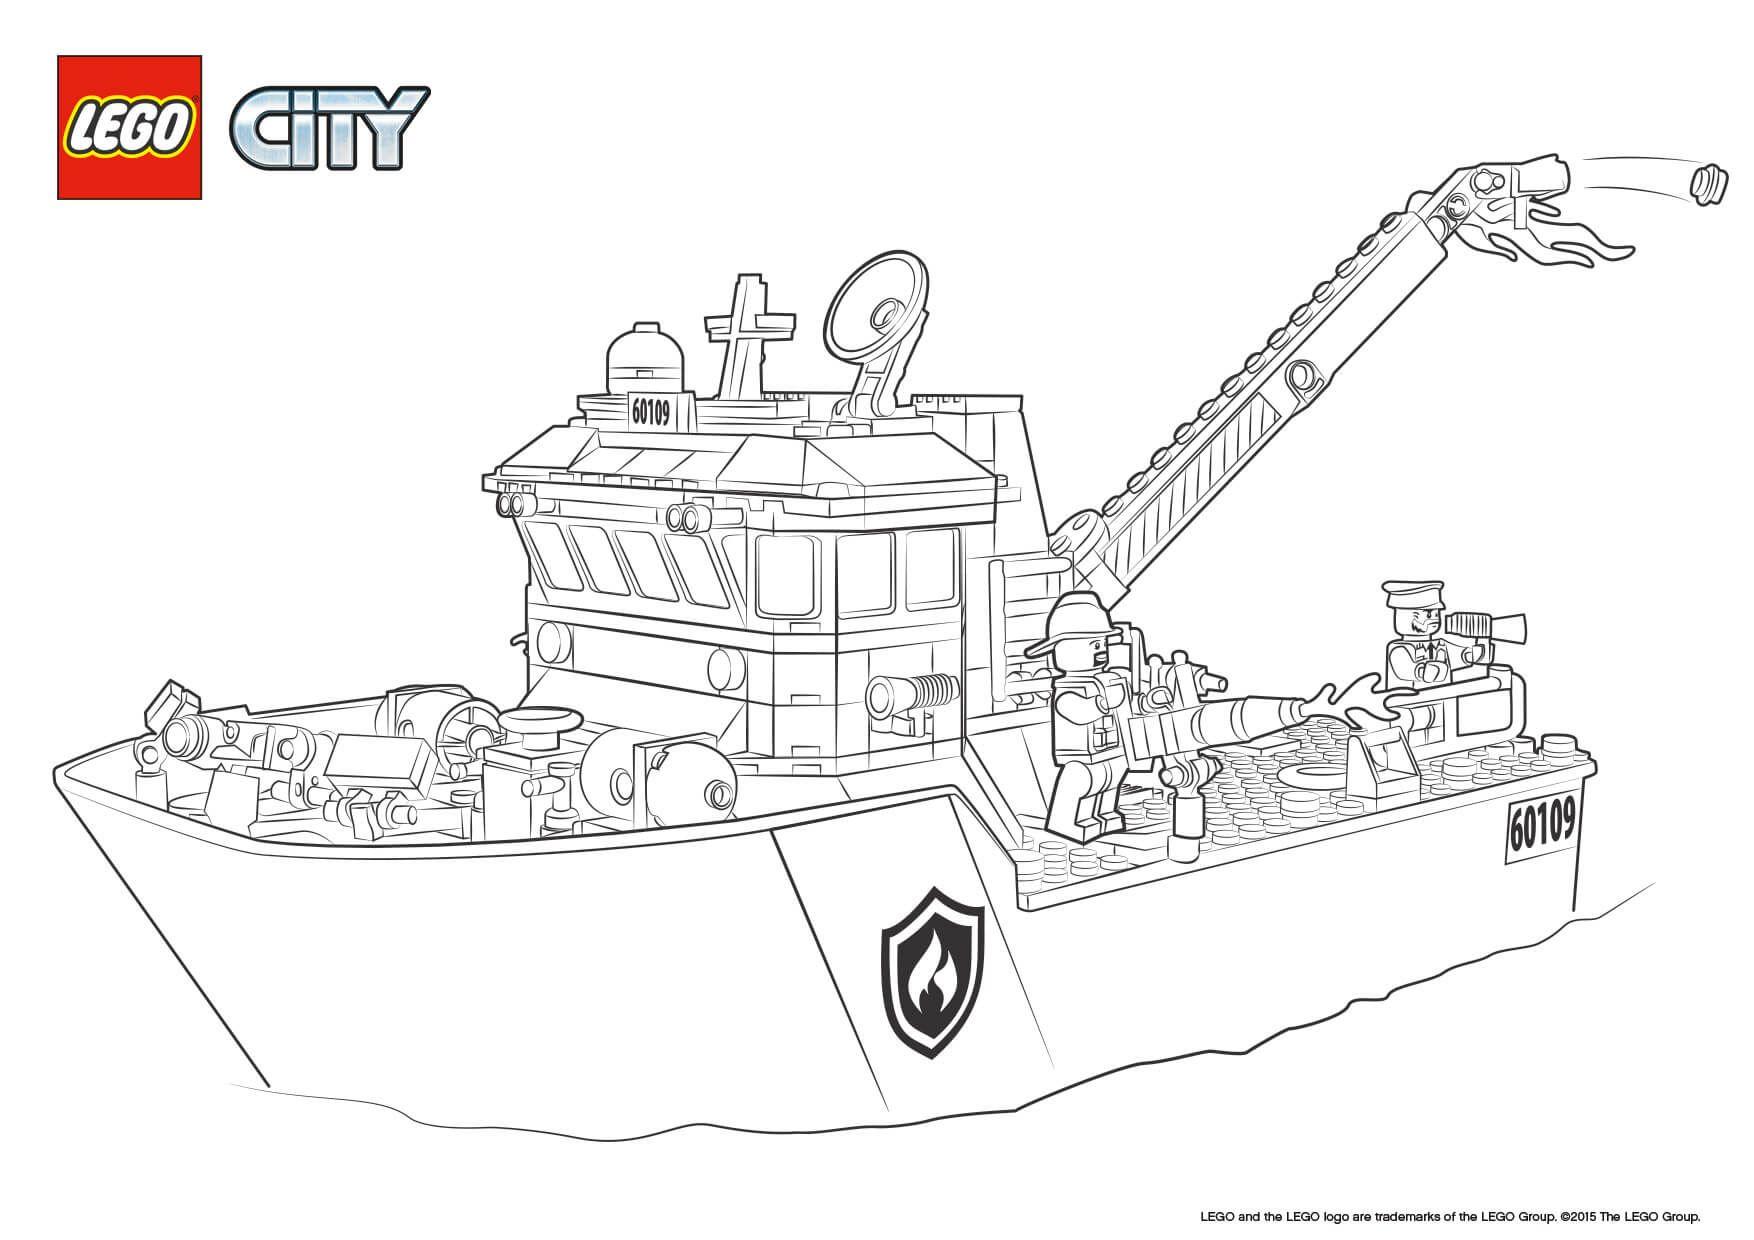 lego city feuerwehr ausmalbilder 842 Malvorlage Lego